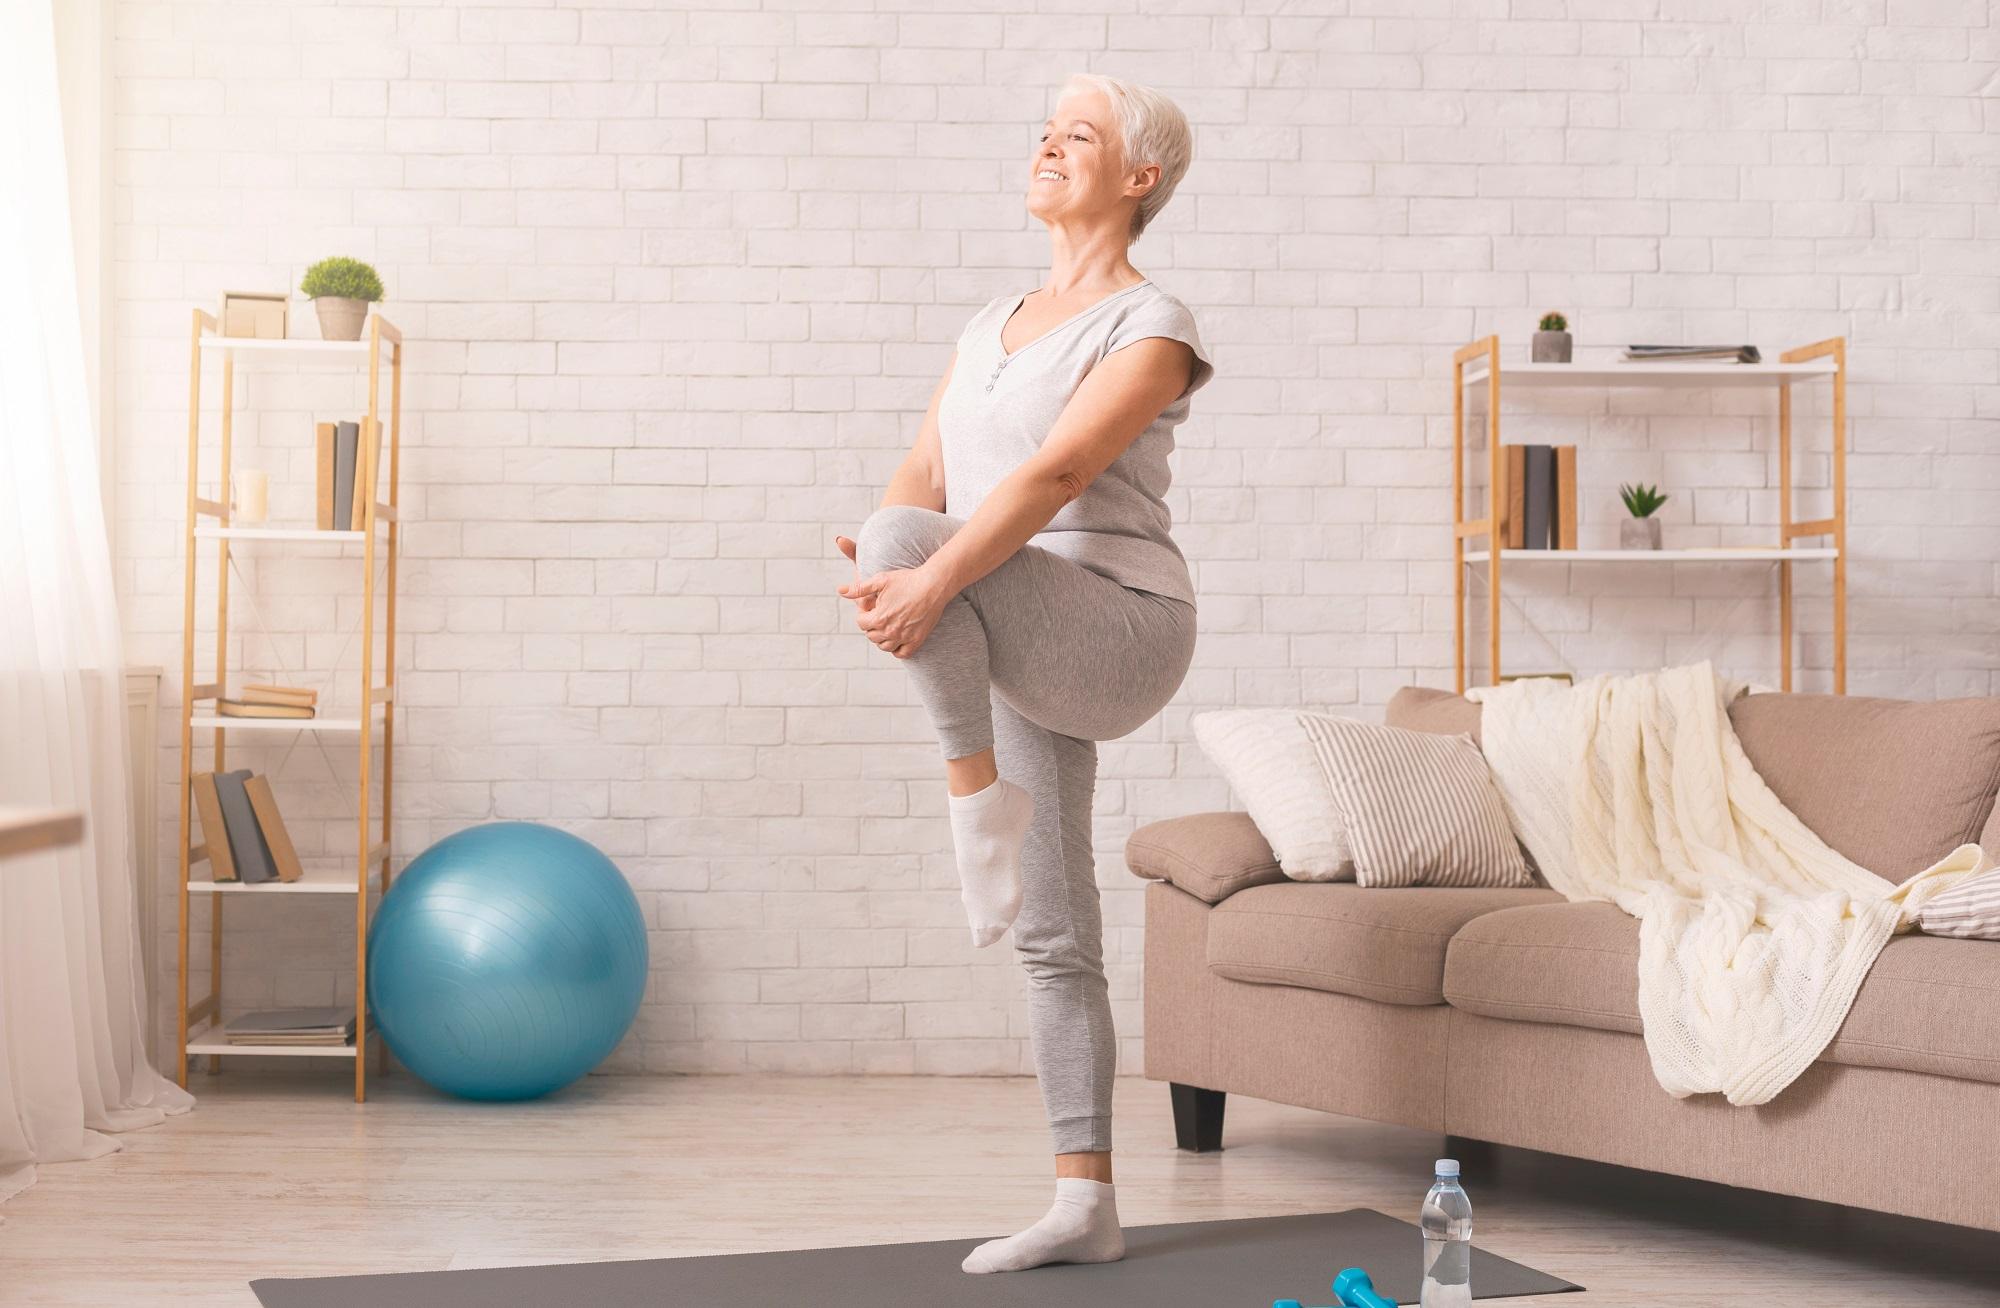 Des exercices de gym douce pour seniors